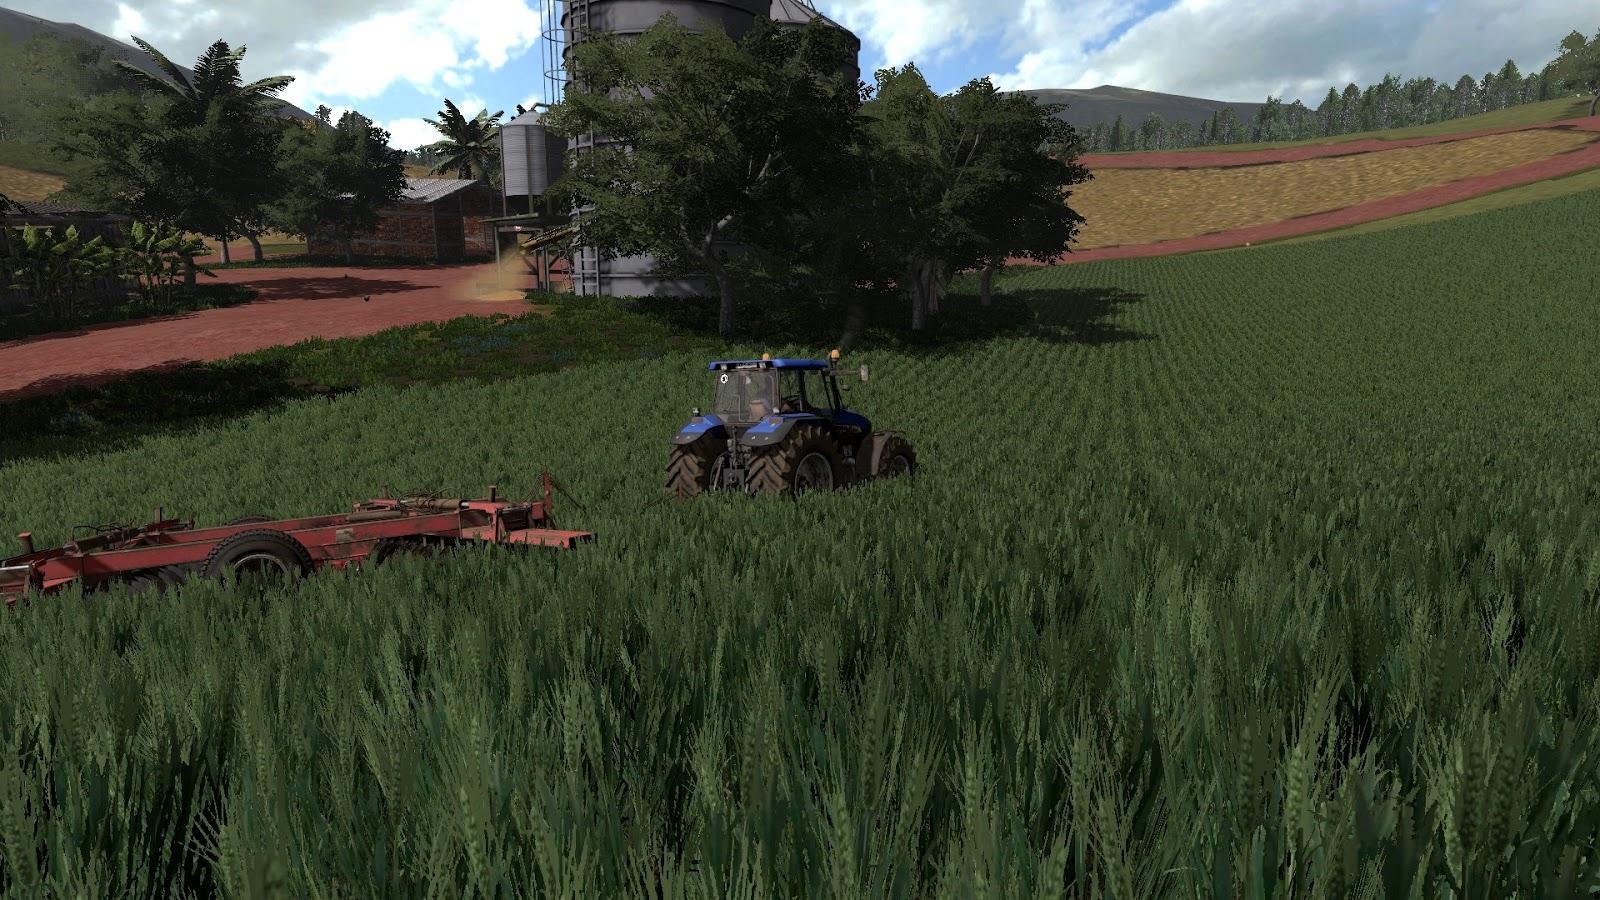 Fazenda baixa verde v1.0